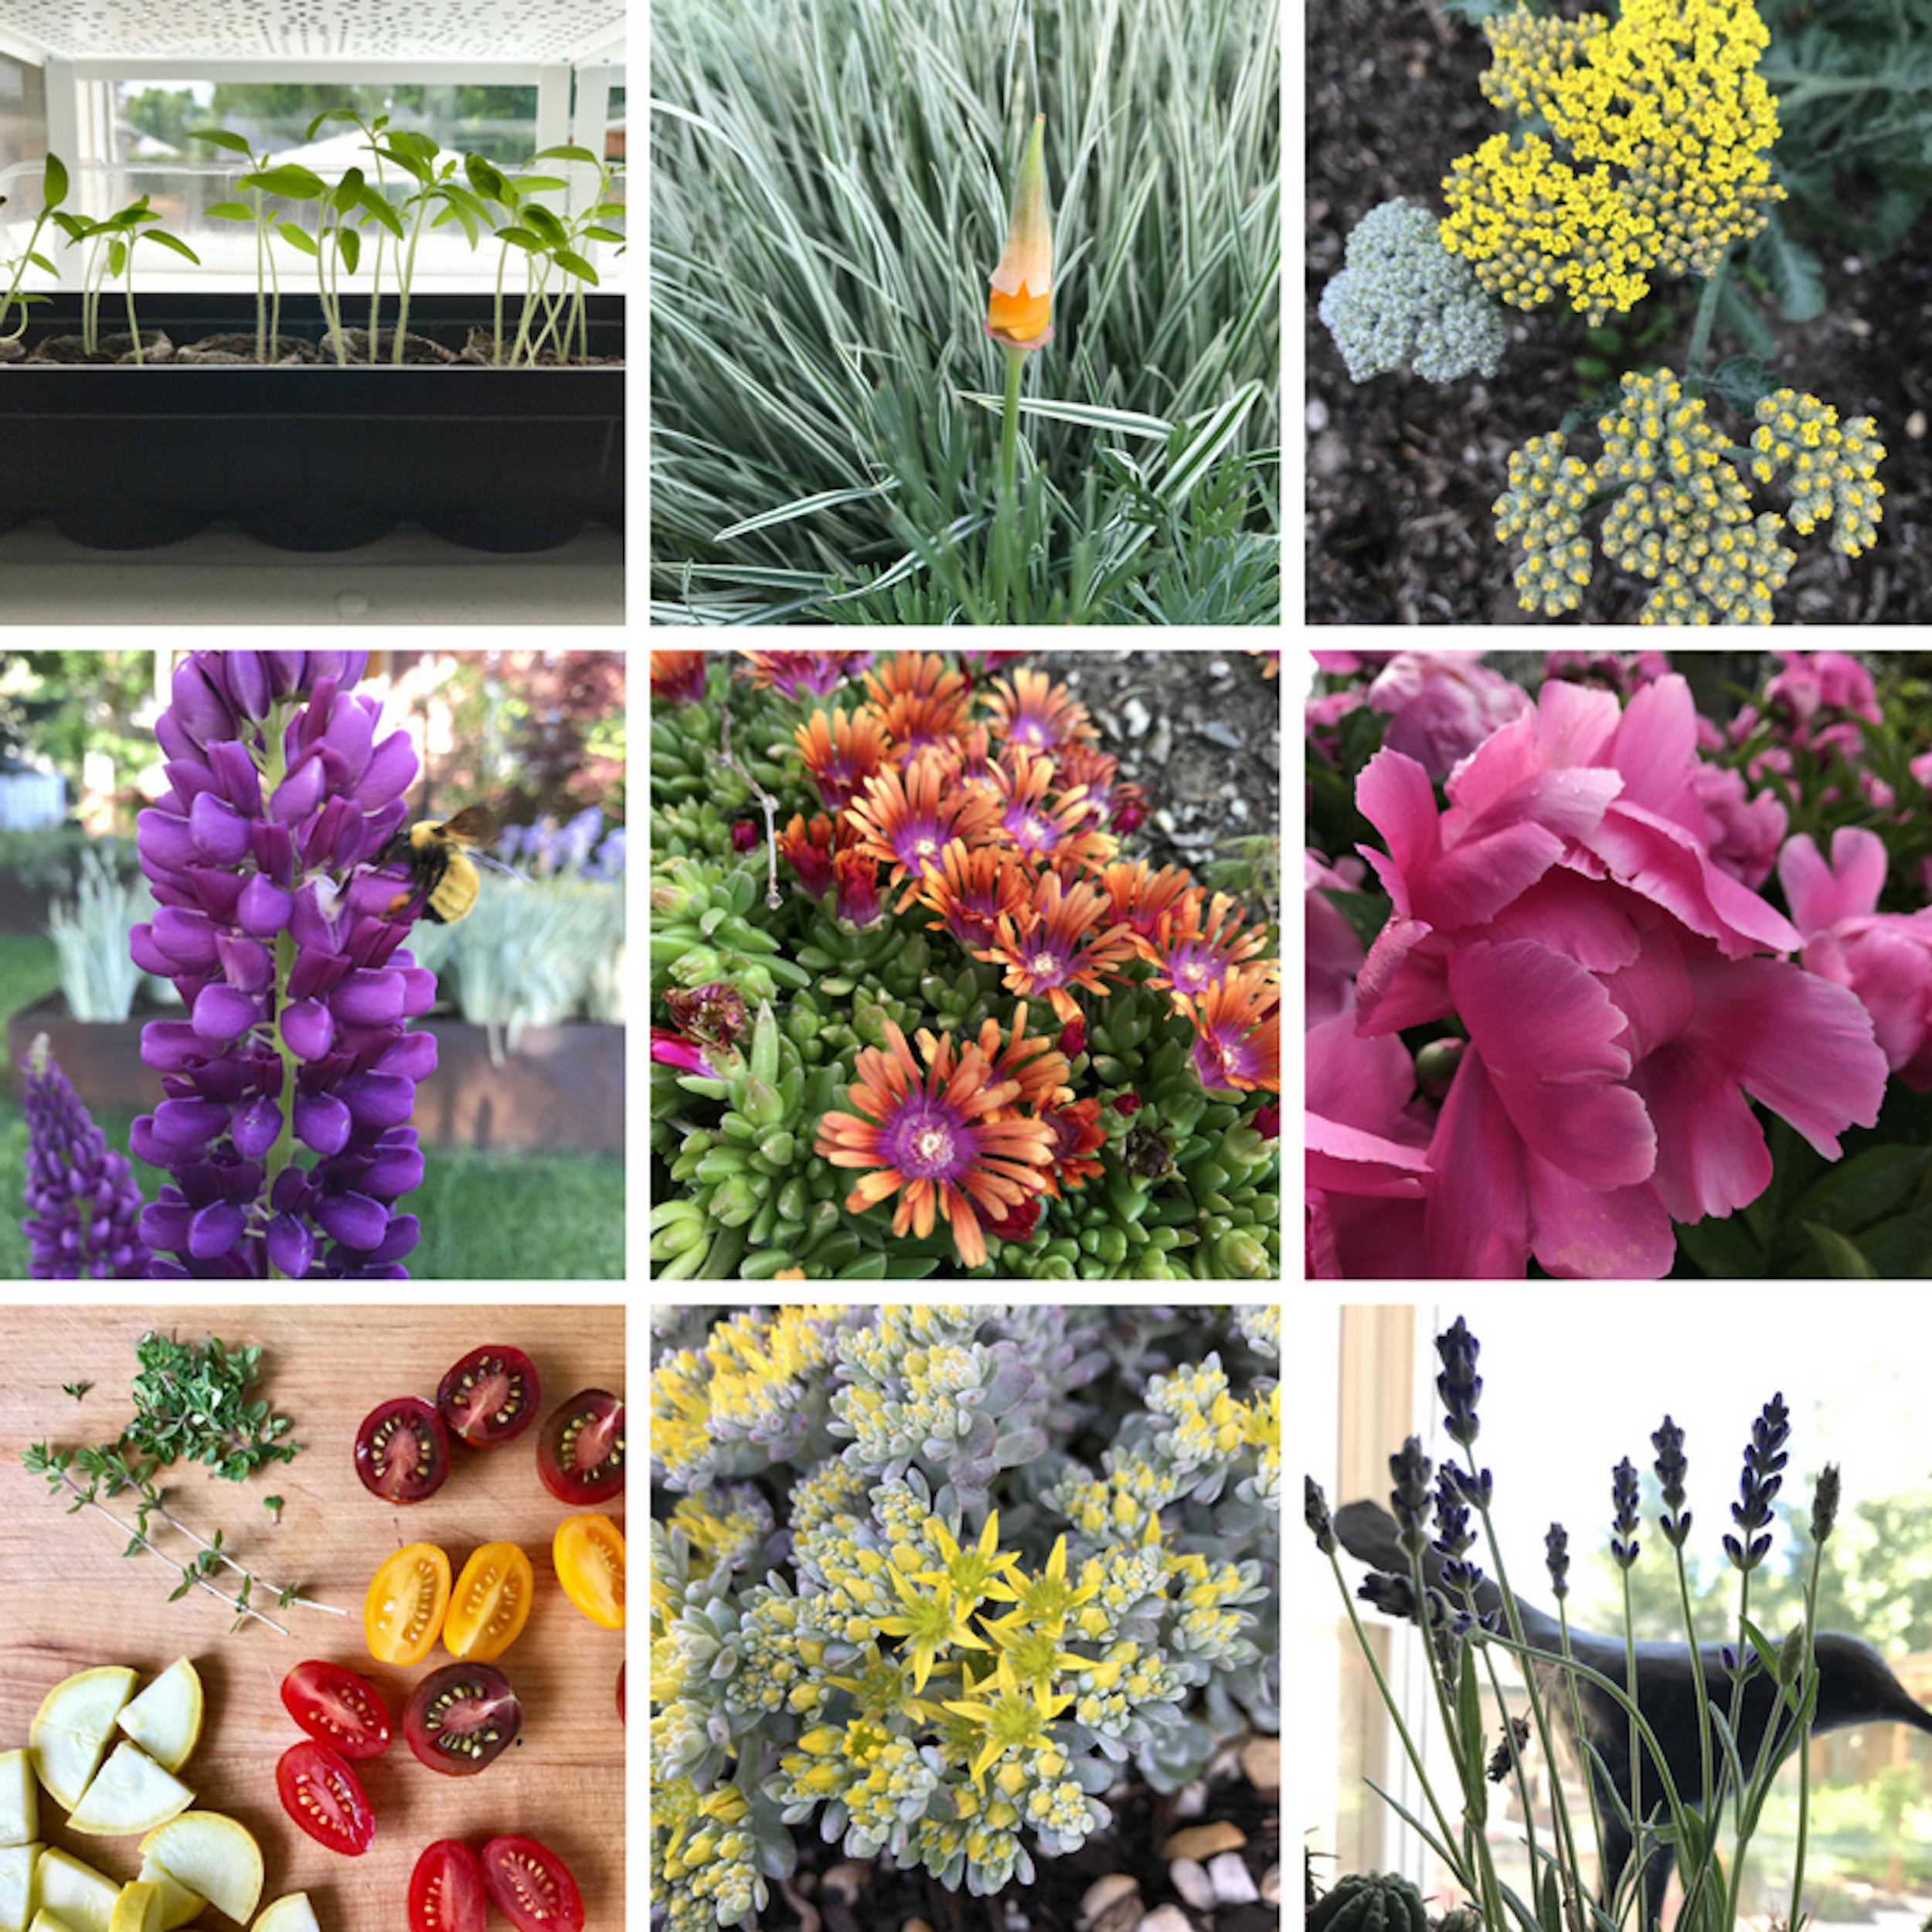 forage may 26.jpg